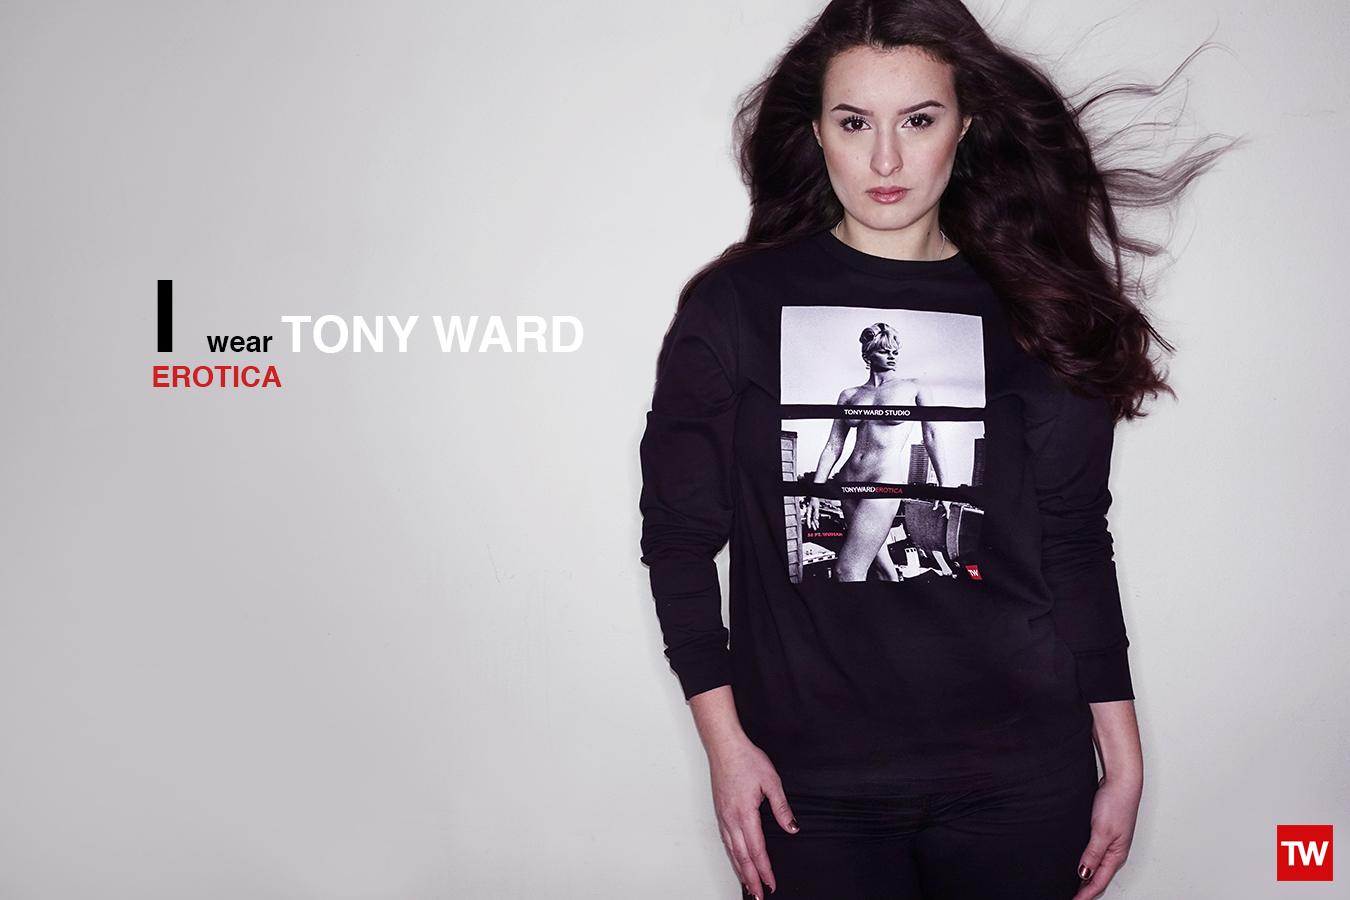 I Wear Tony Ward Erotica